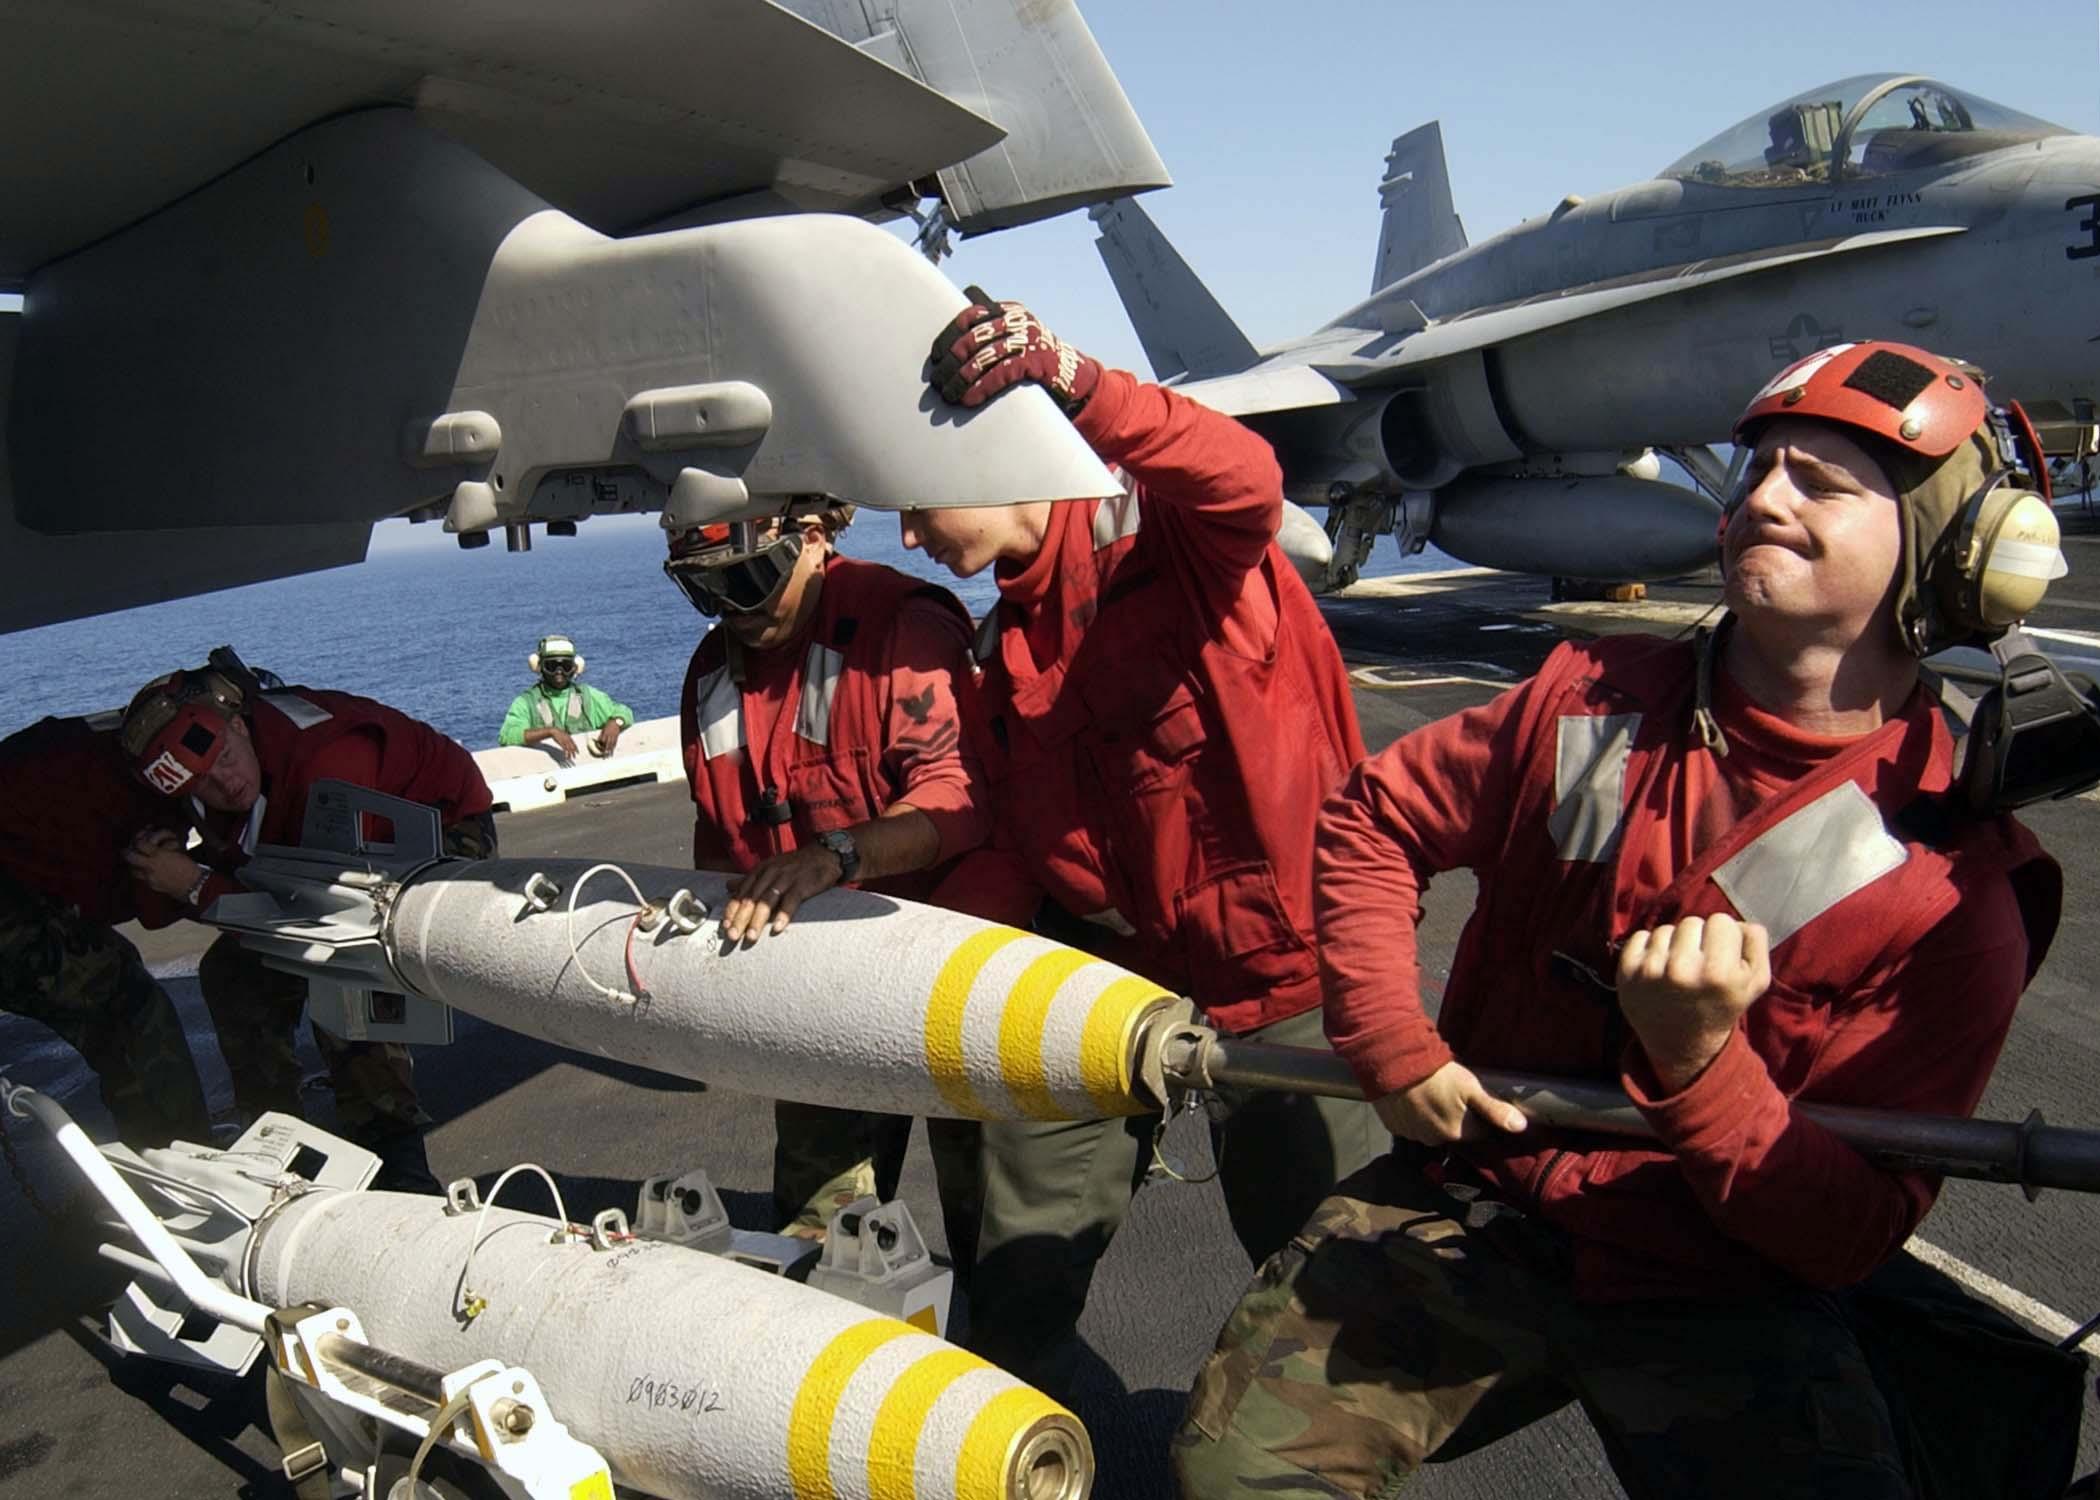 File:US Navy 040907-N-9293K-031 Aviation Ordnancemen load a 500lb